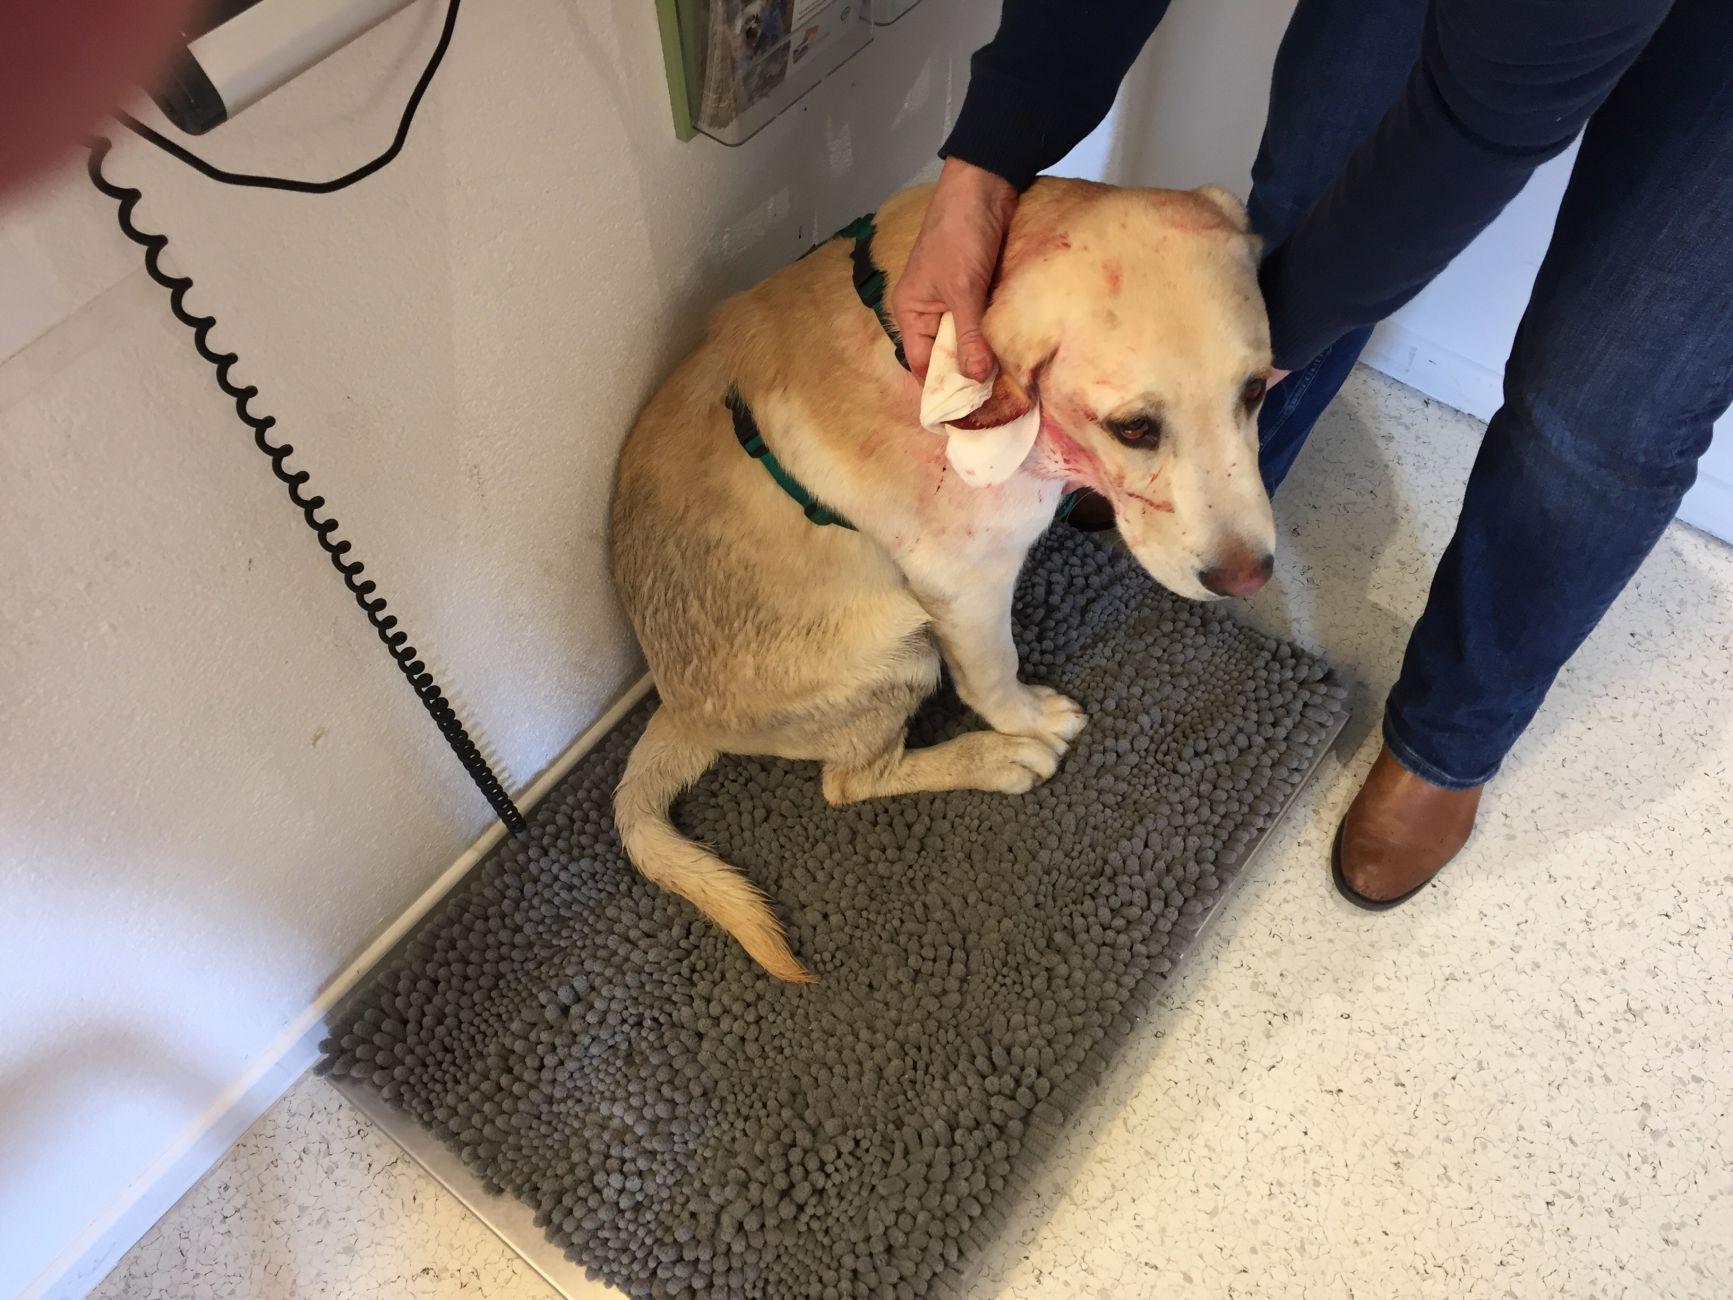 Gebeten hond: eigenaar zoekt ander baasje